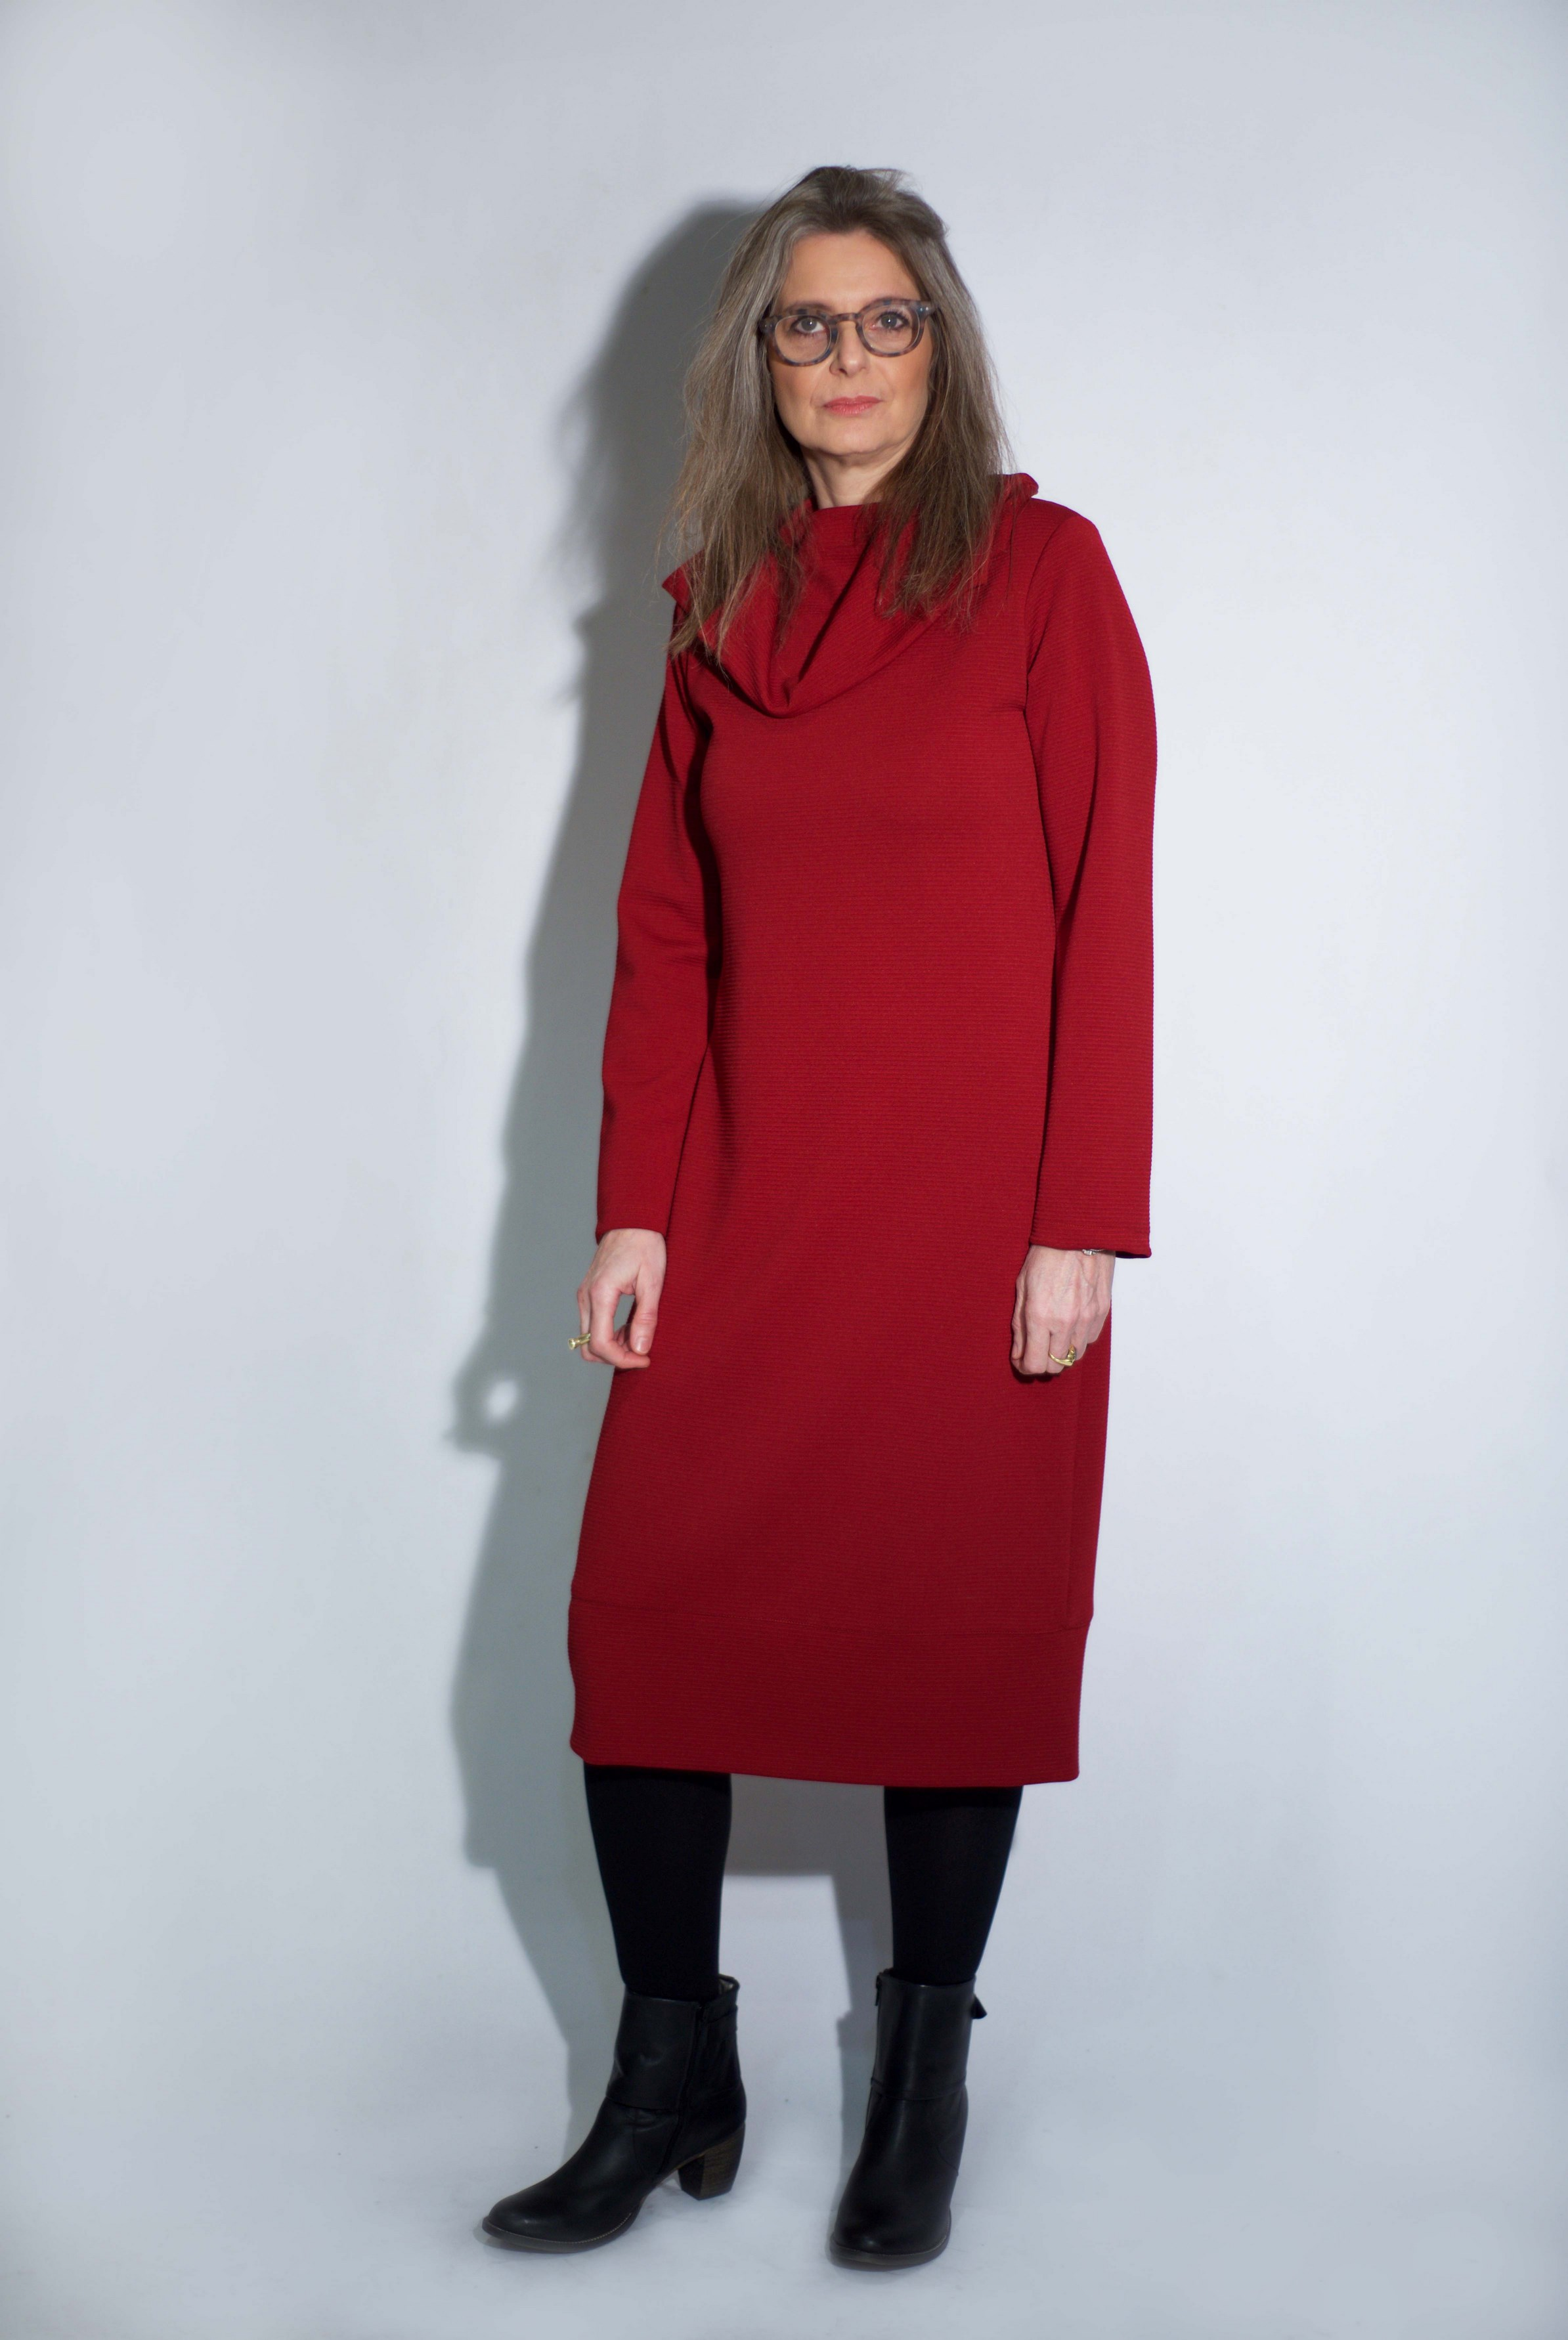 חוה ילין מדגמנת שמלהשל המעצבת טלי אימבר.  במכירה הגדולה רק 299 שח. בית טפר תל גיבורים 5 תא צילום מאיה שוהם (Copy).jpg